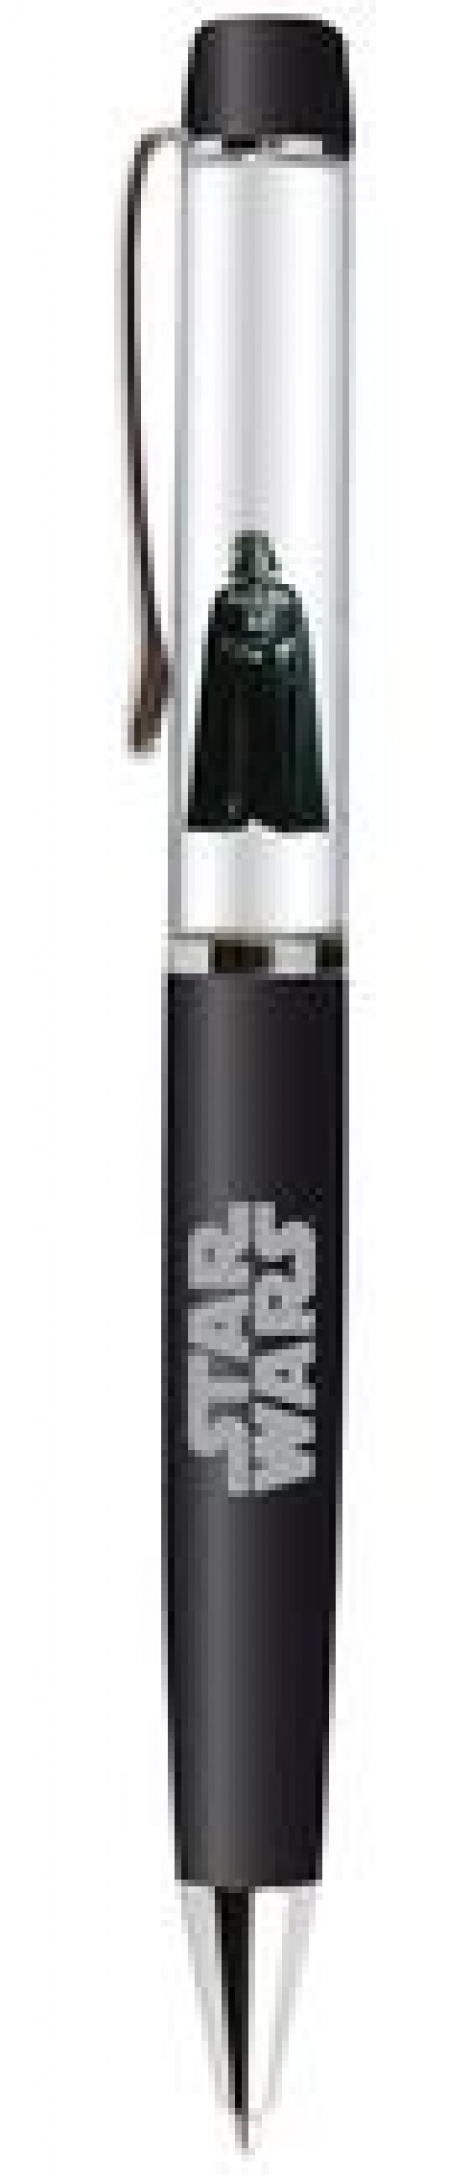 Star Wars - Darth Vader Floating Pen